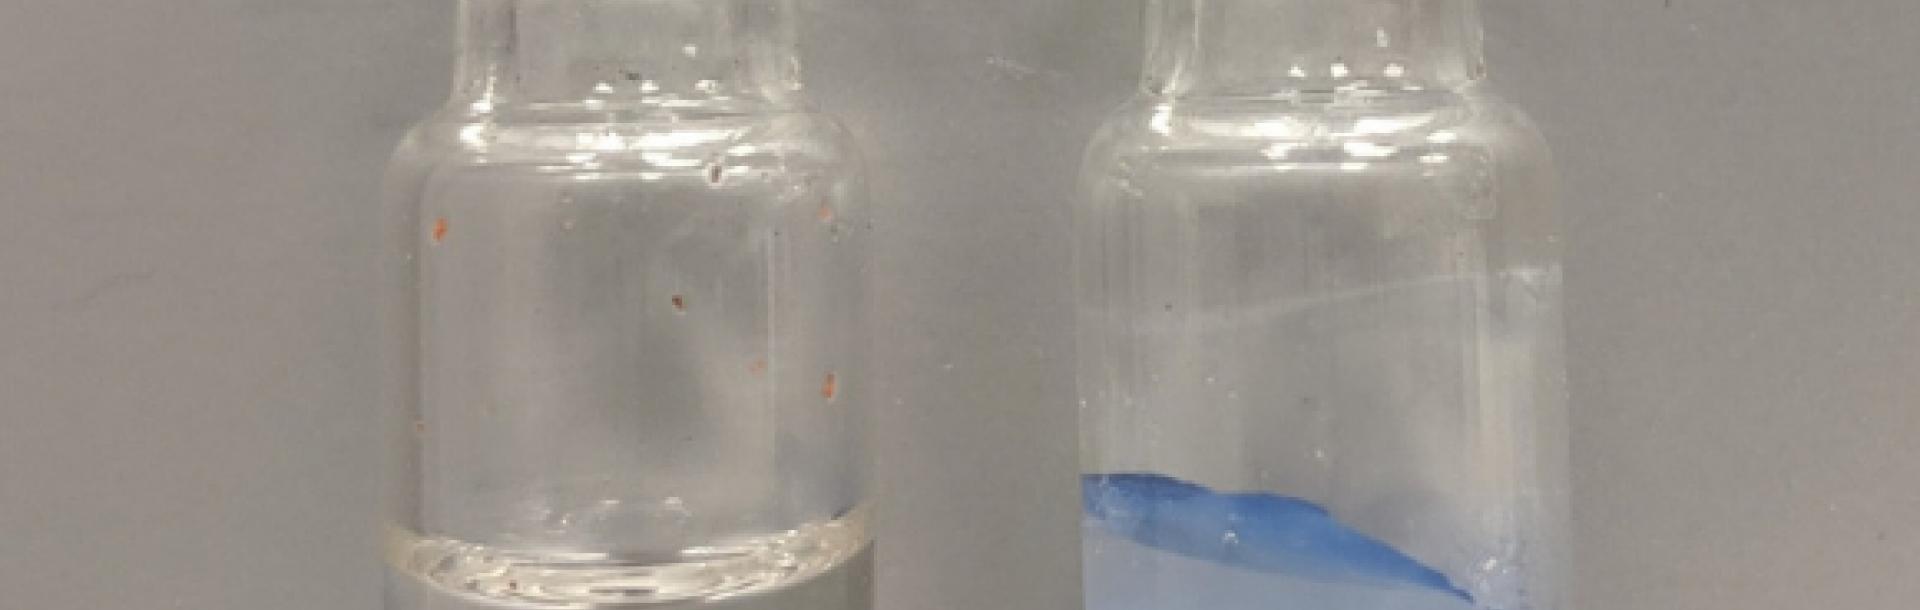 הידרוג'ל חדש שפותח במעבדה